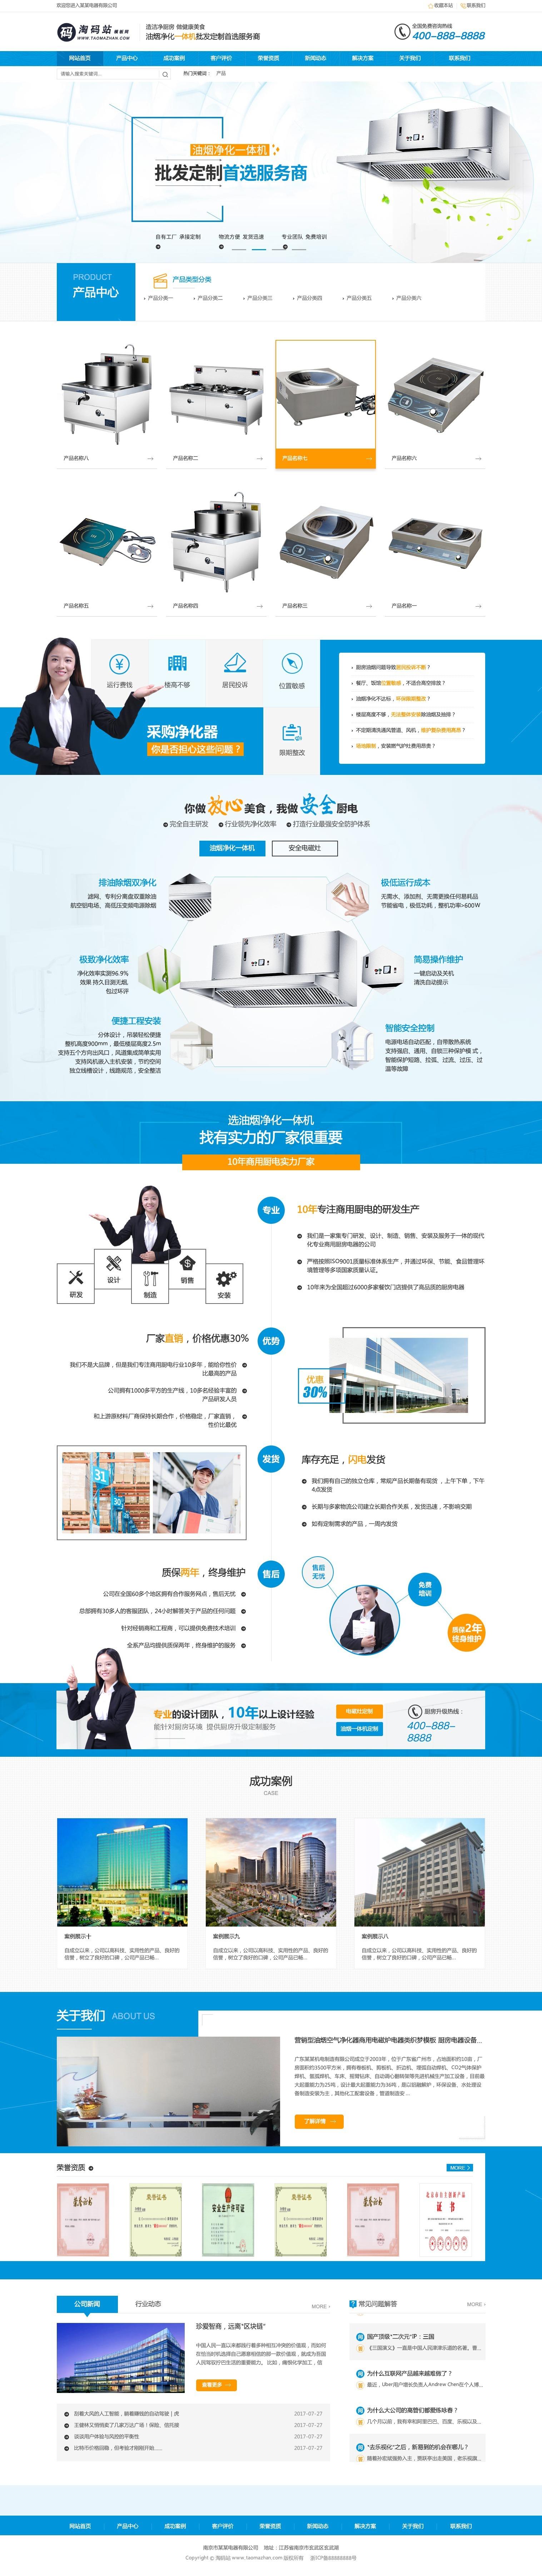 蓝色营销型厨房用品净化器电磁炉电器类织梦dedecms模板 厨房电器设备网站源码下载